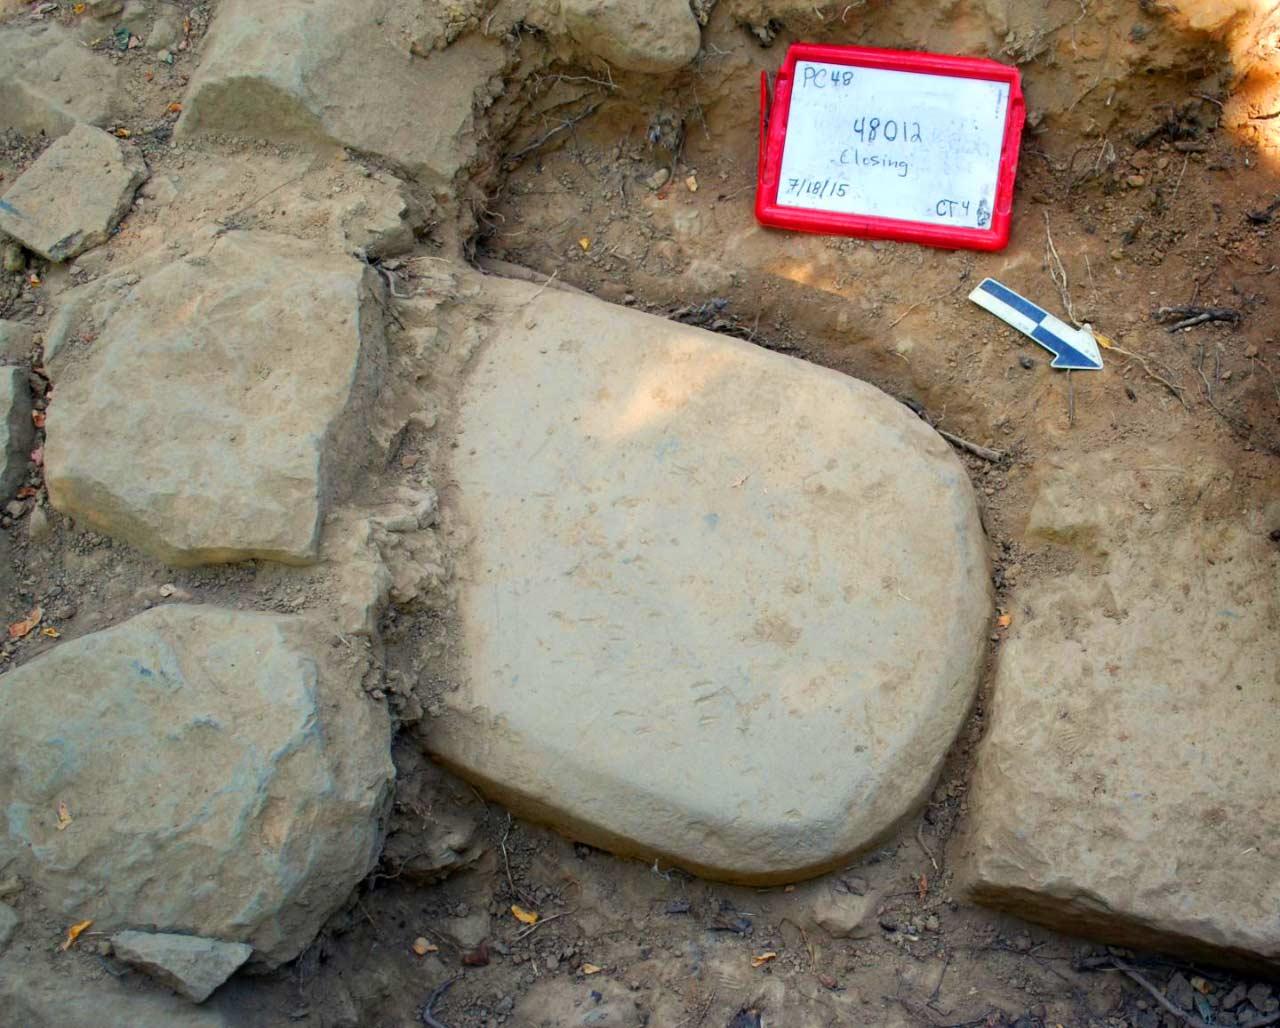 La stele rinvenuta nel basamento di un muro